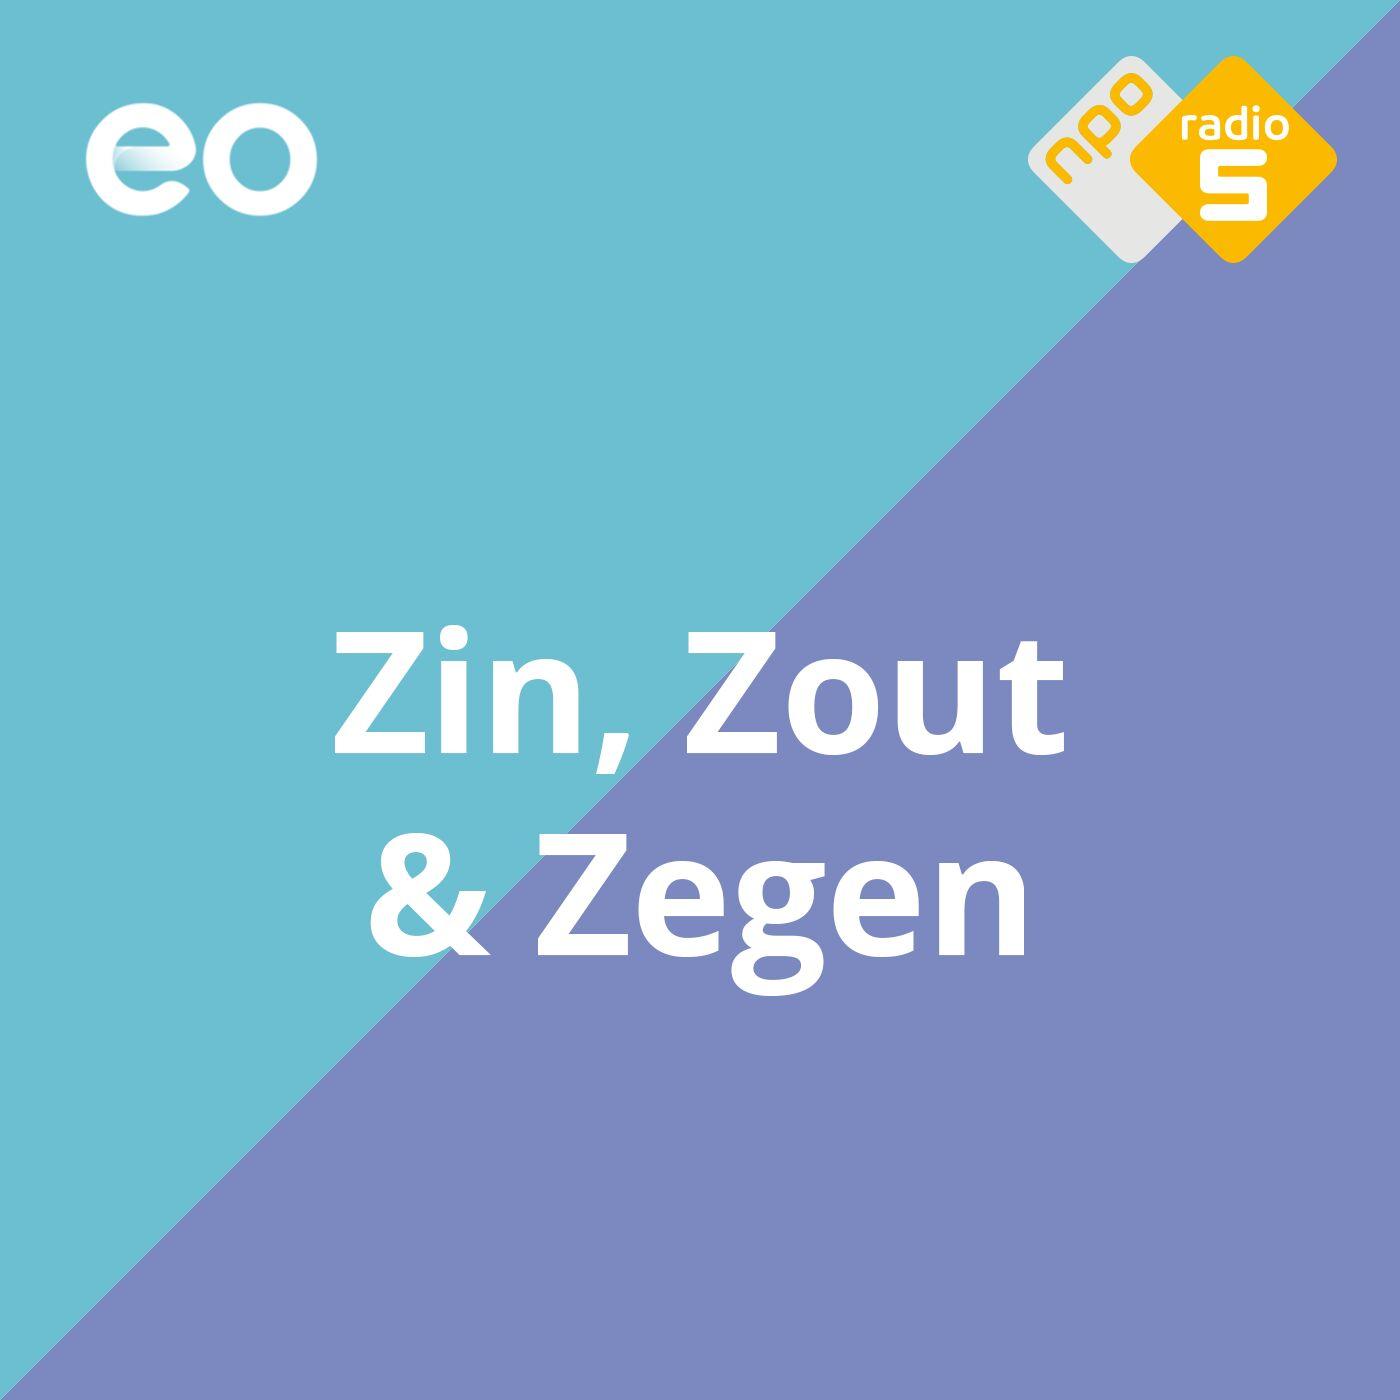 Zin, Zout en Zegen logo